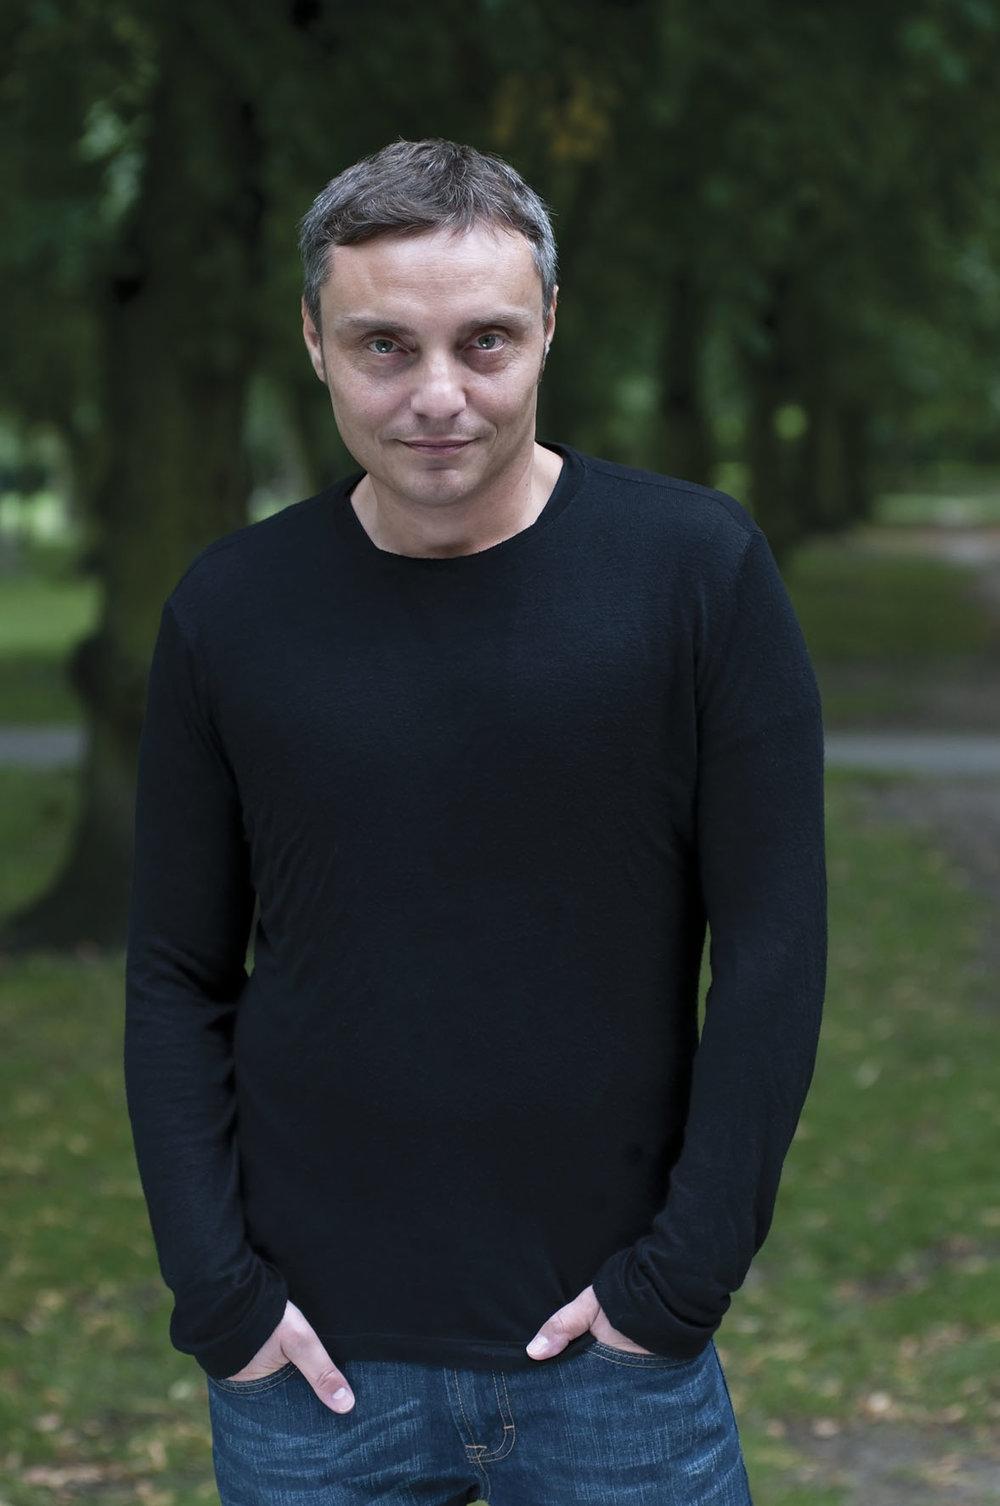 Massimo De Conti portrait © Fotini Christofilopoulou.jpg